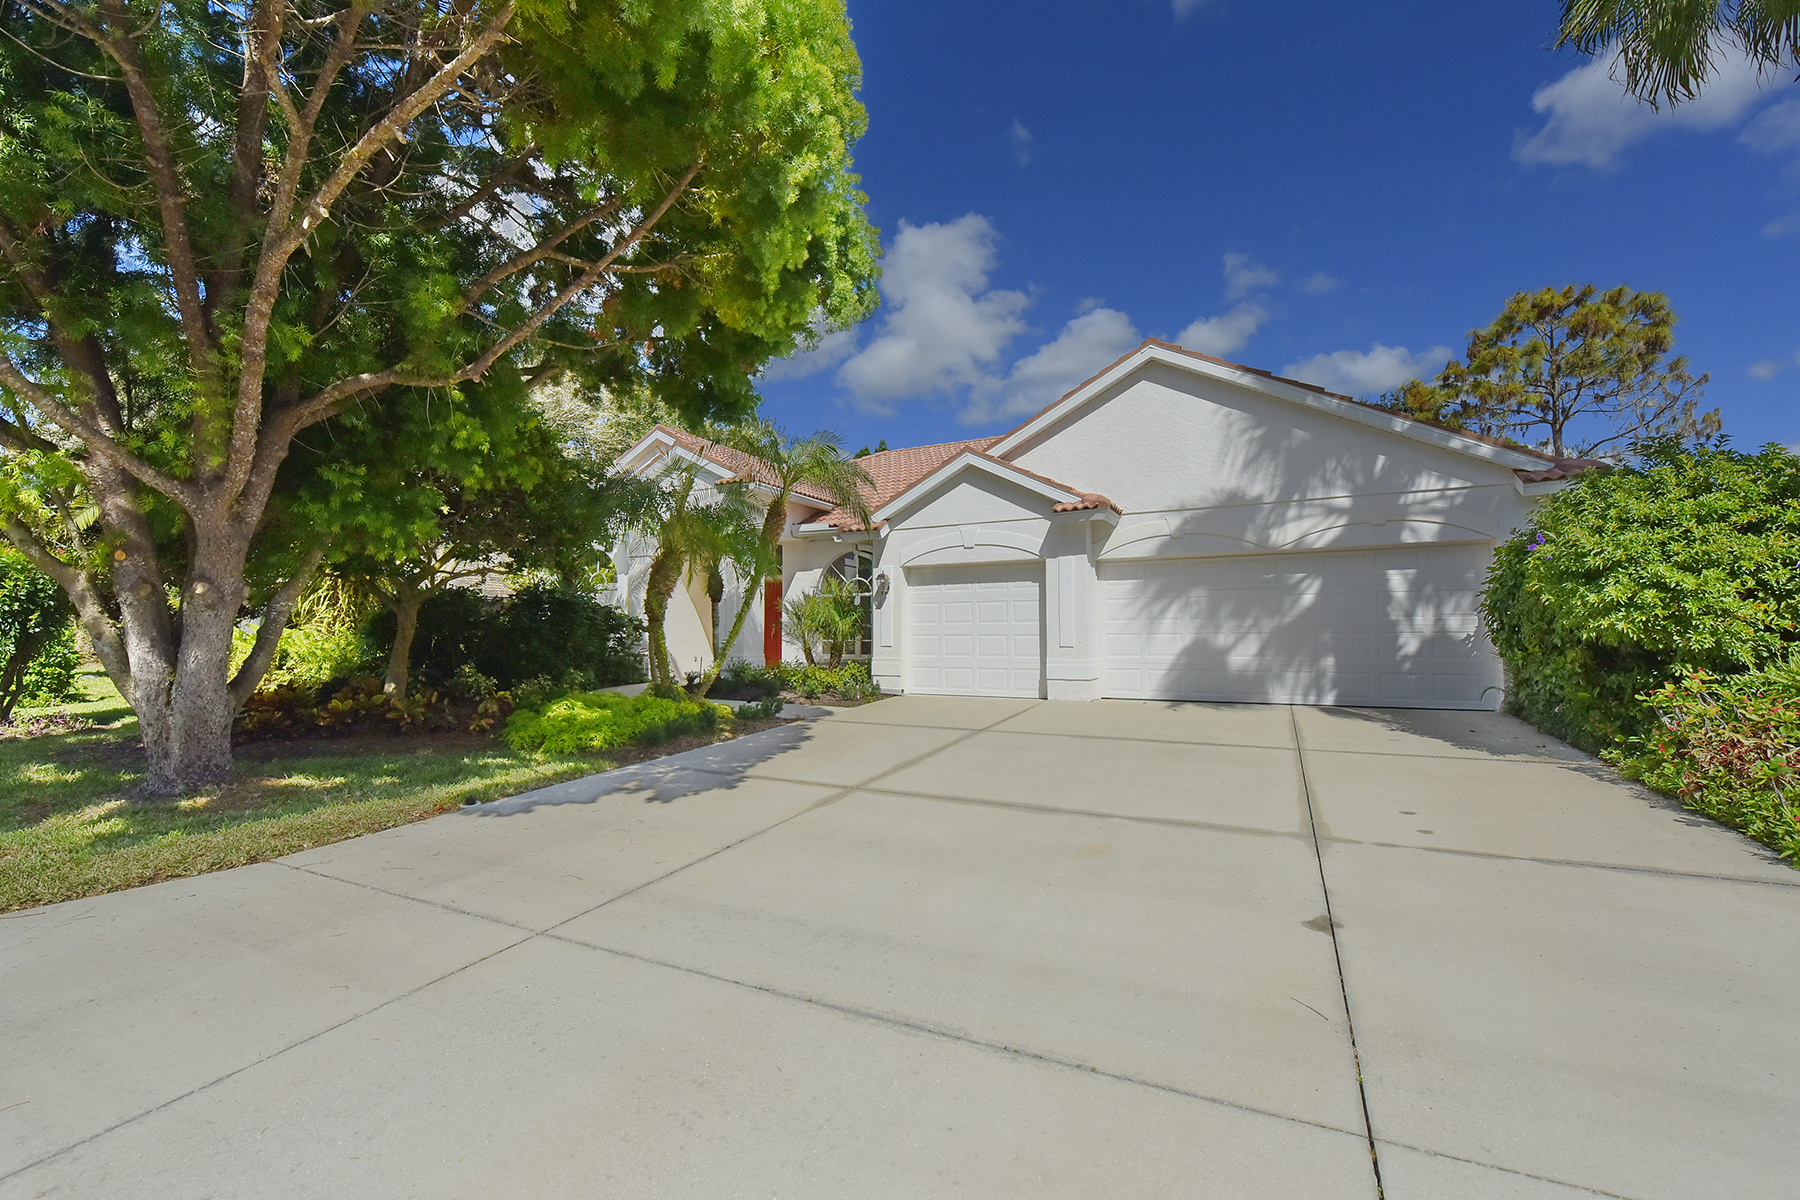 Частный односемейный дом для того Продажа на RIVENDELL 1069 Mallard Marsh Dr Osprey, Флорида 34229 Соединенные Штаты